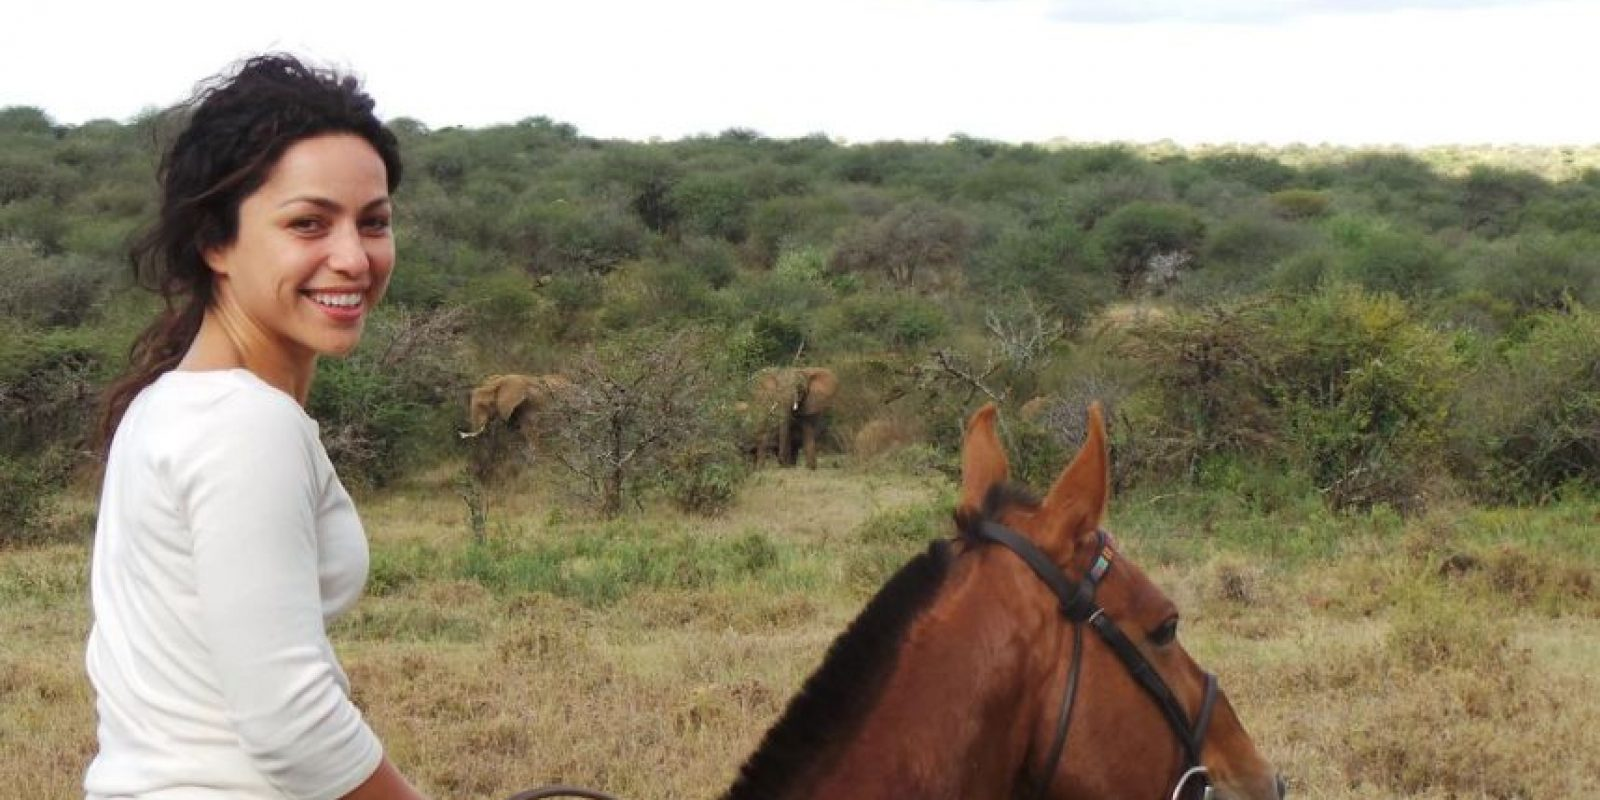 Entre sus hobbies está el practicar ballet y montar a caballo. Foto:Vía instagram.com/explore/tags/evacarneiro